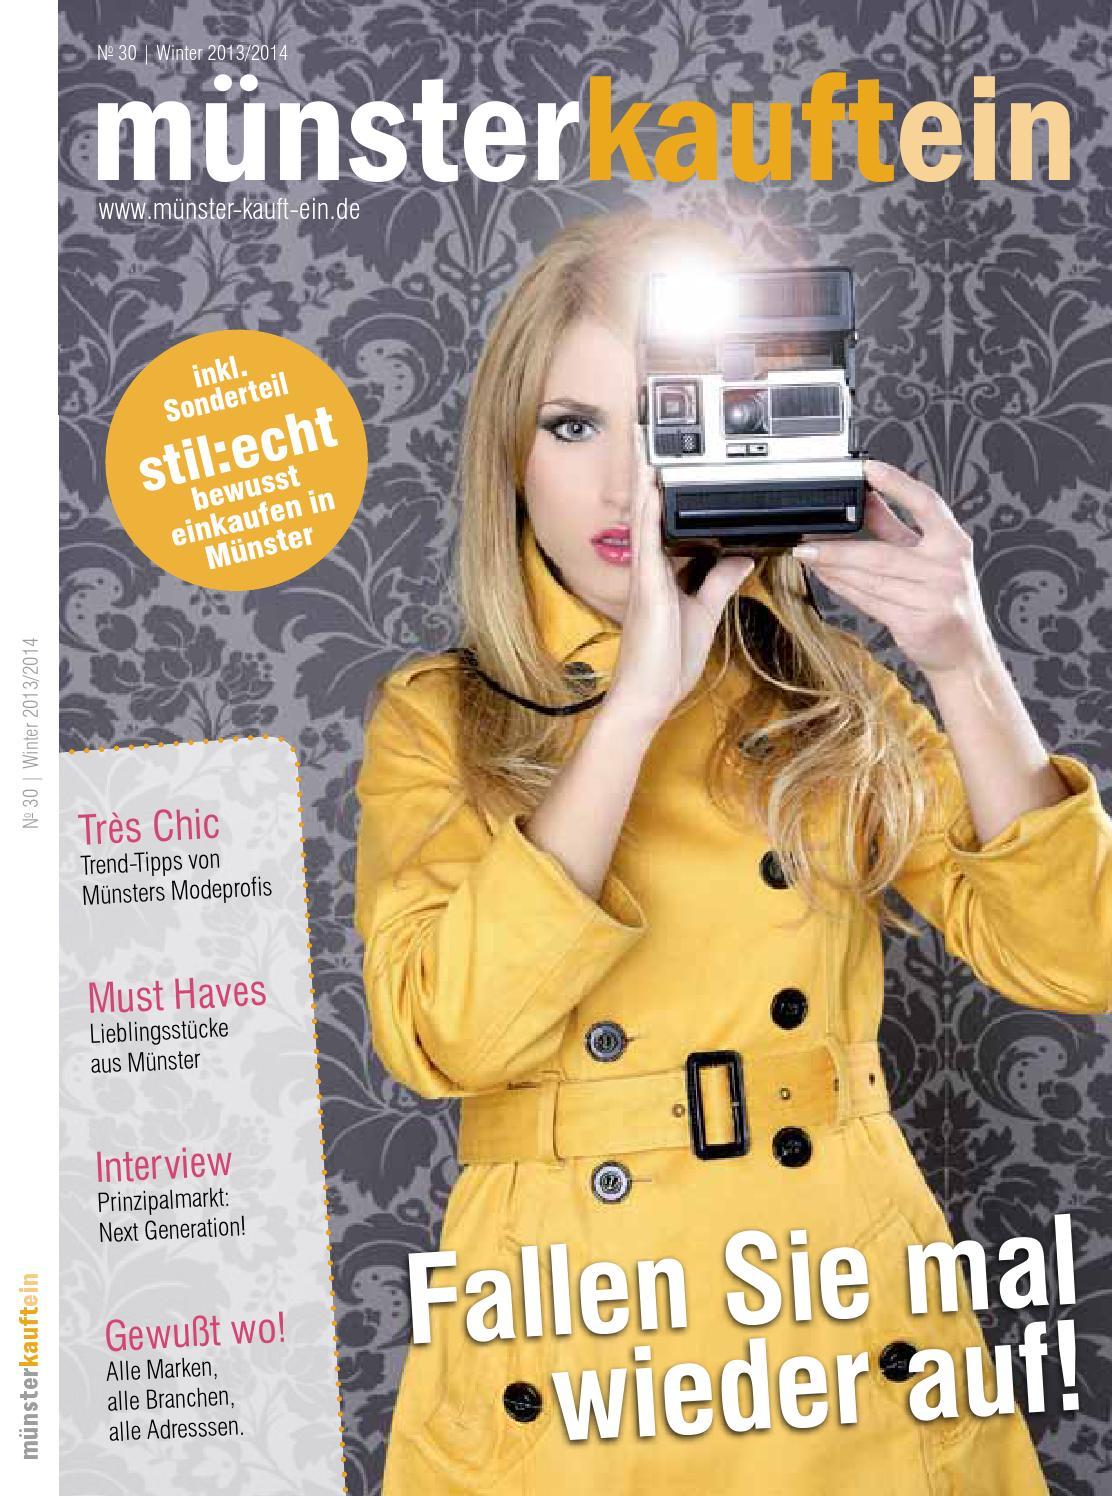 Münster Kauft Ein 35 by Tips Verlag GmbH - issuu